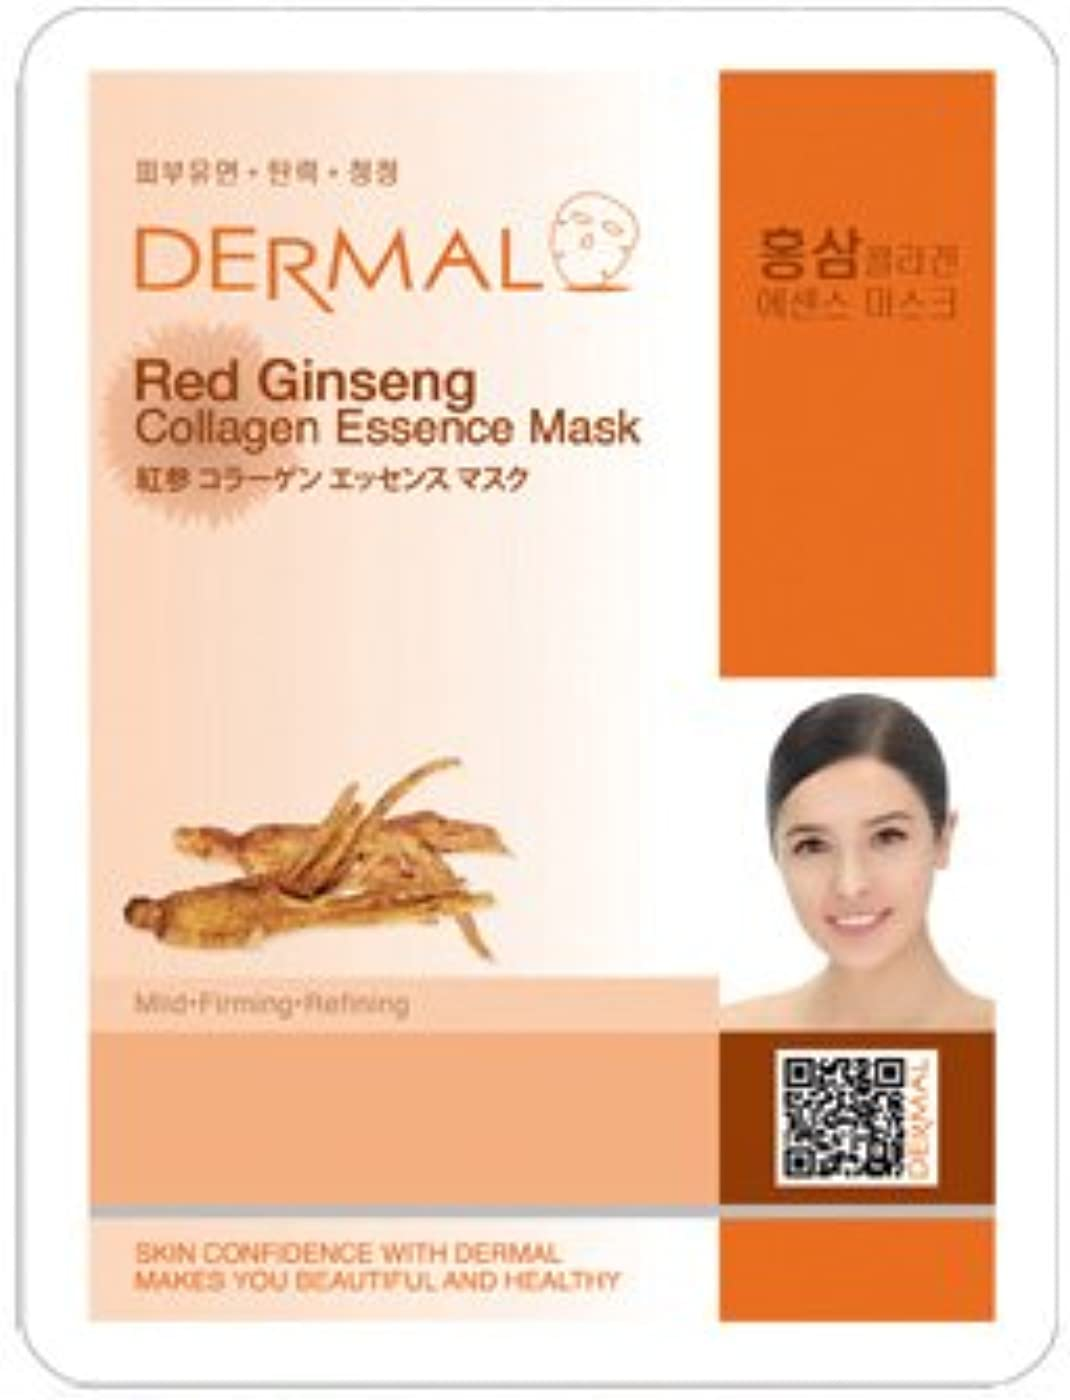 宙返り突然伝染病シートマスク 紅参 100枚セット ダーマル(Dermal) フェイス パック